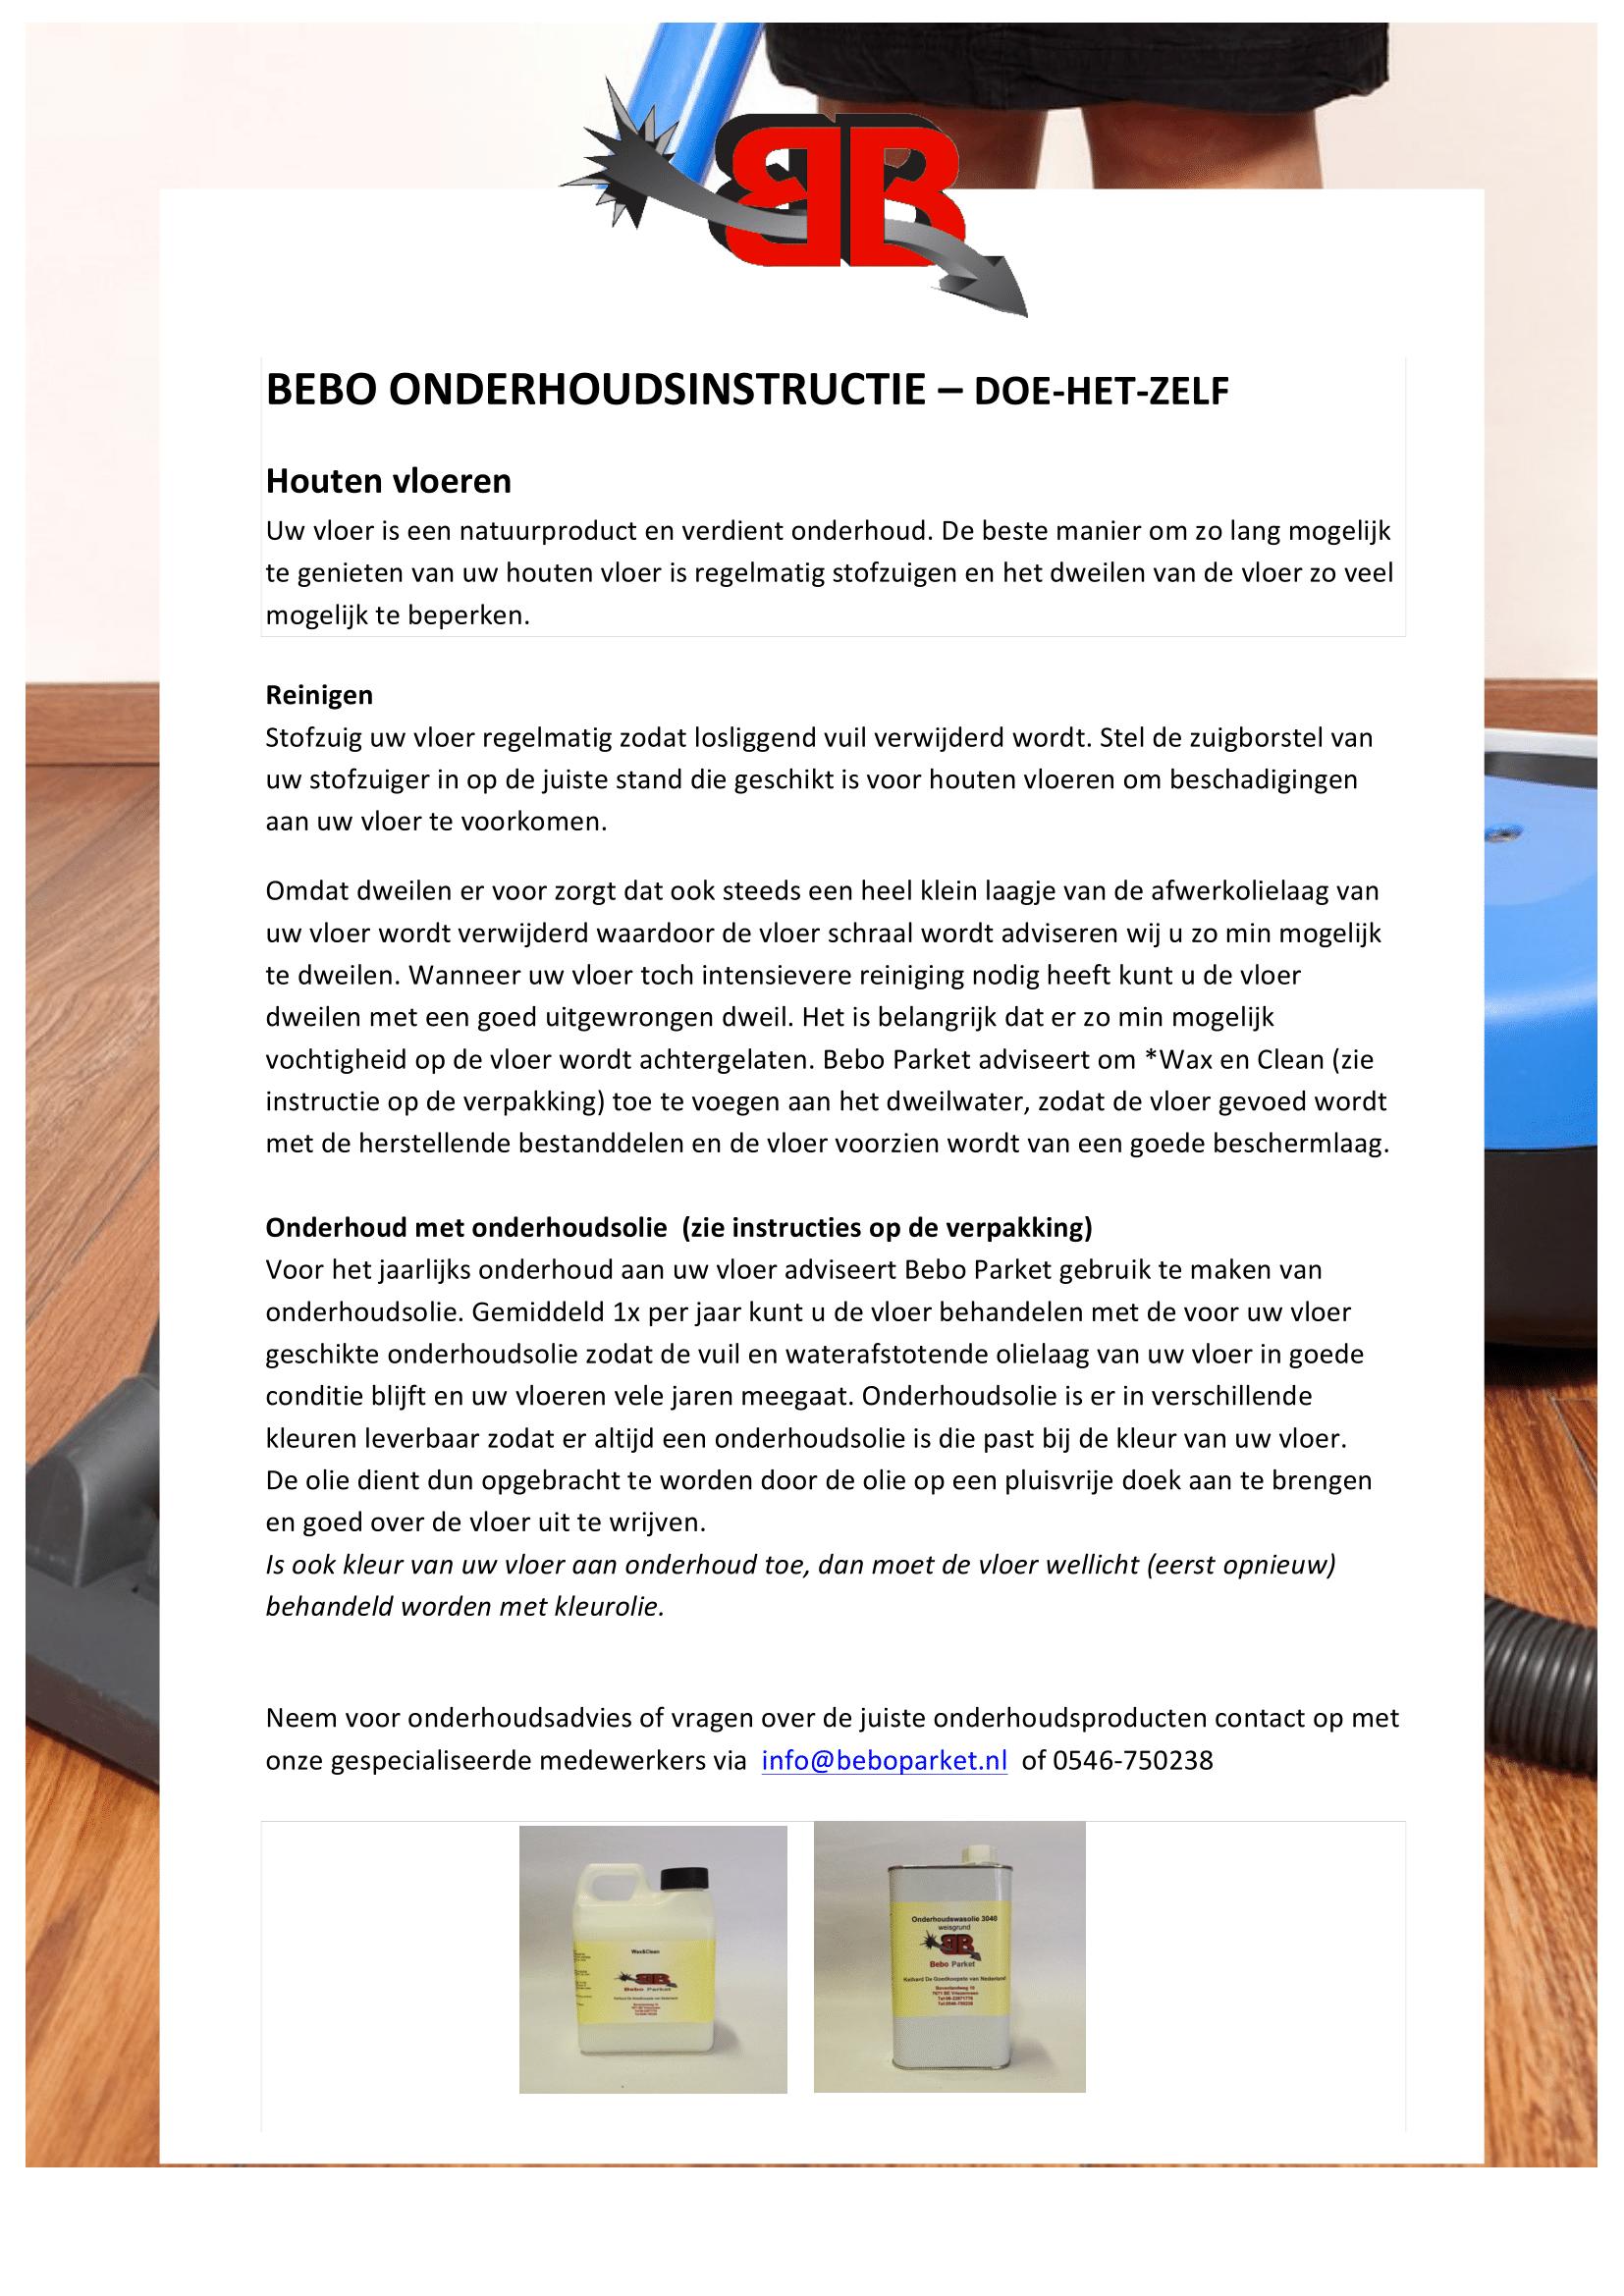 Bebo instructies - Onderhoudsinstructie Hout 1.2-1